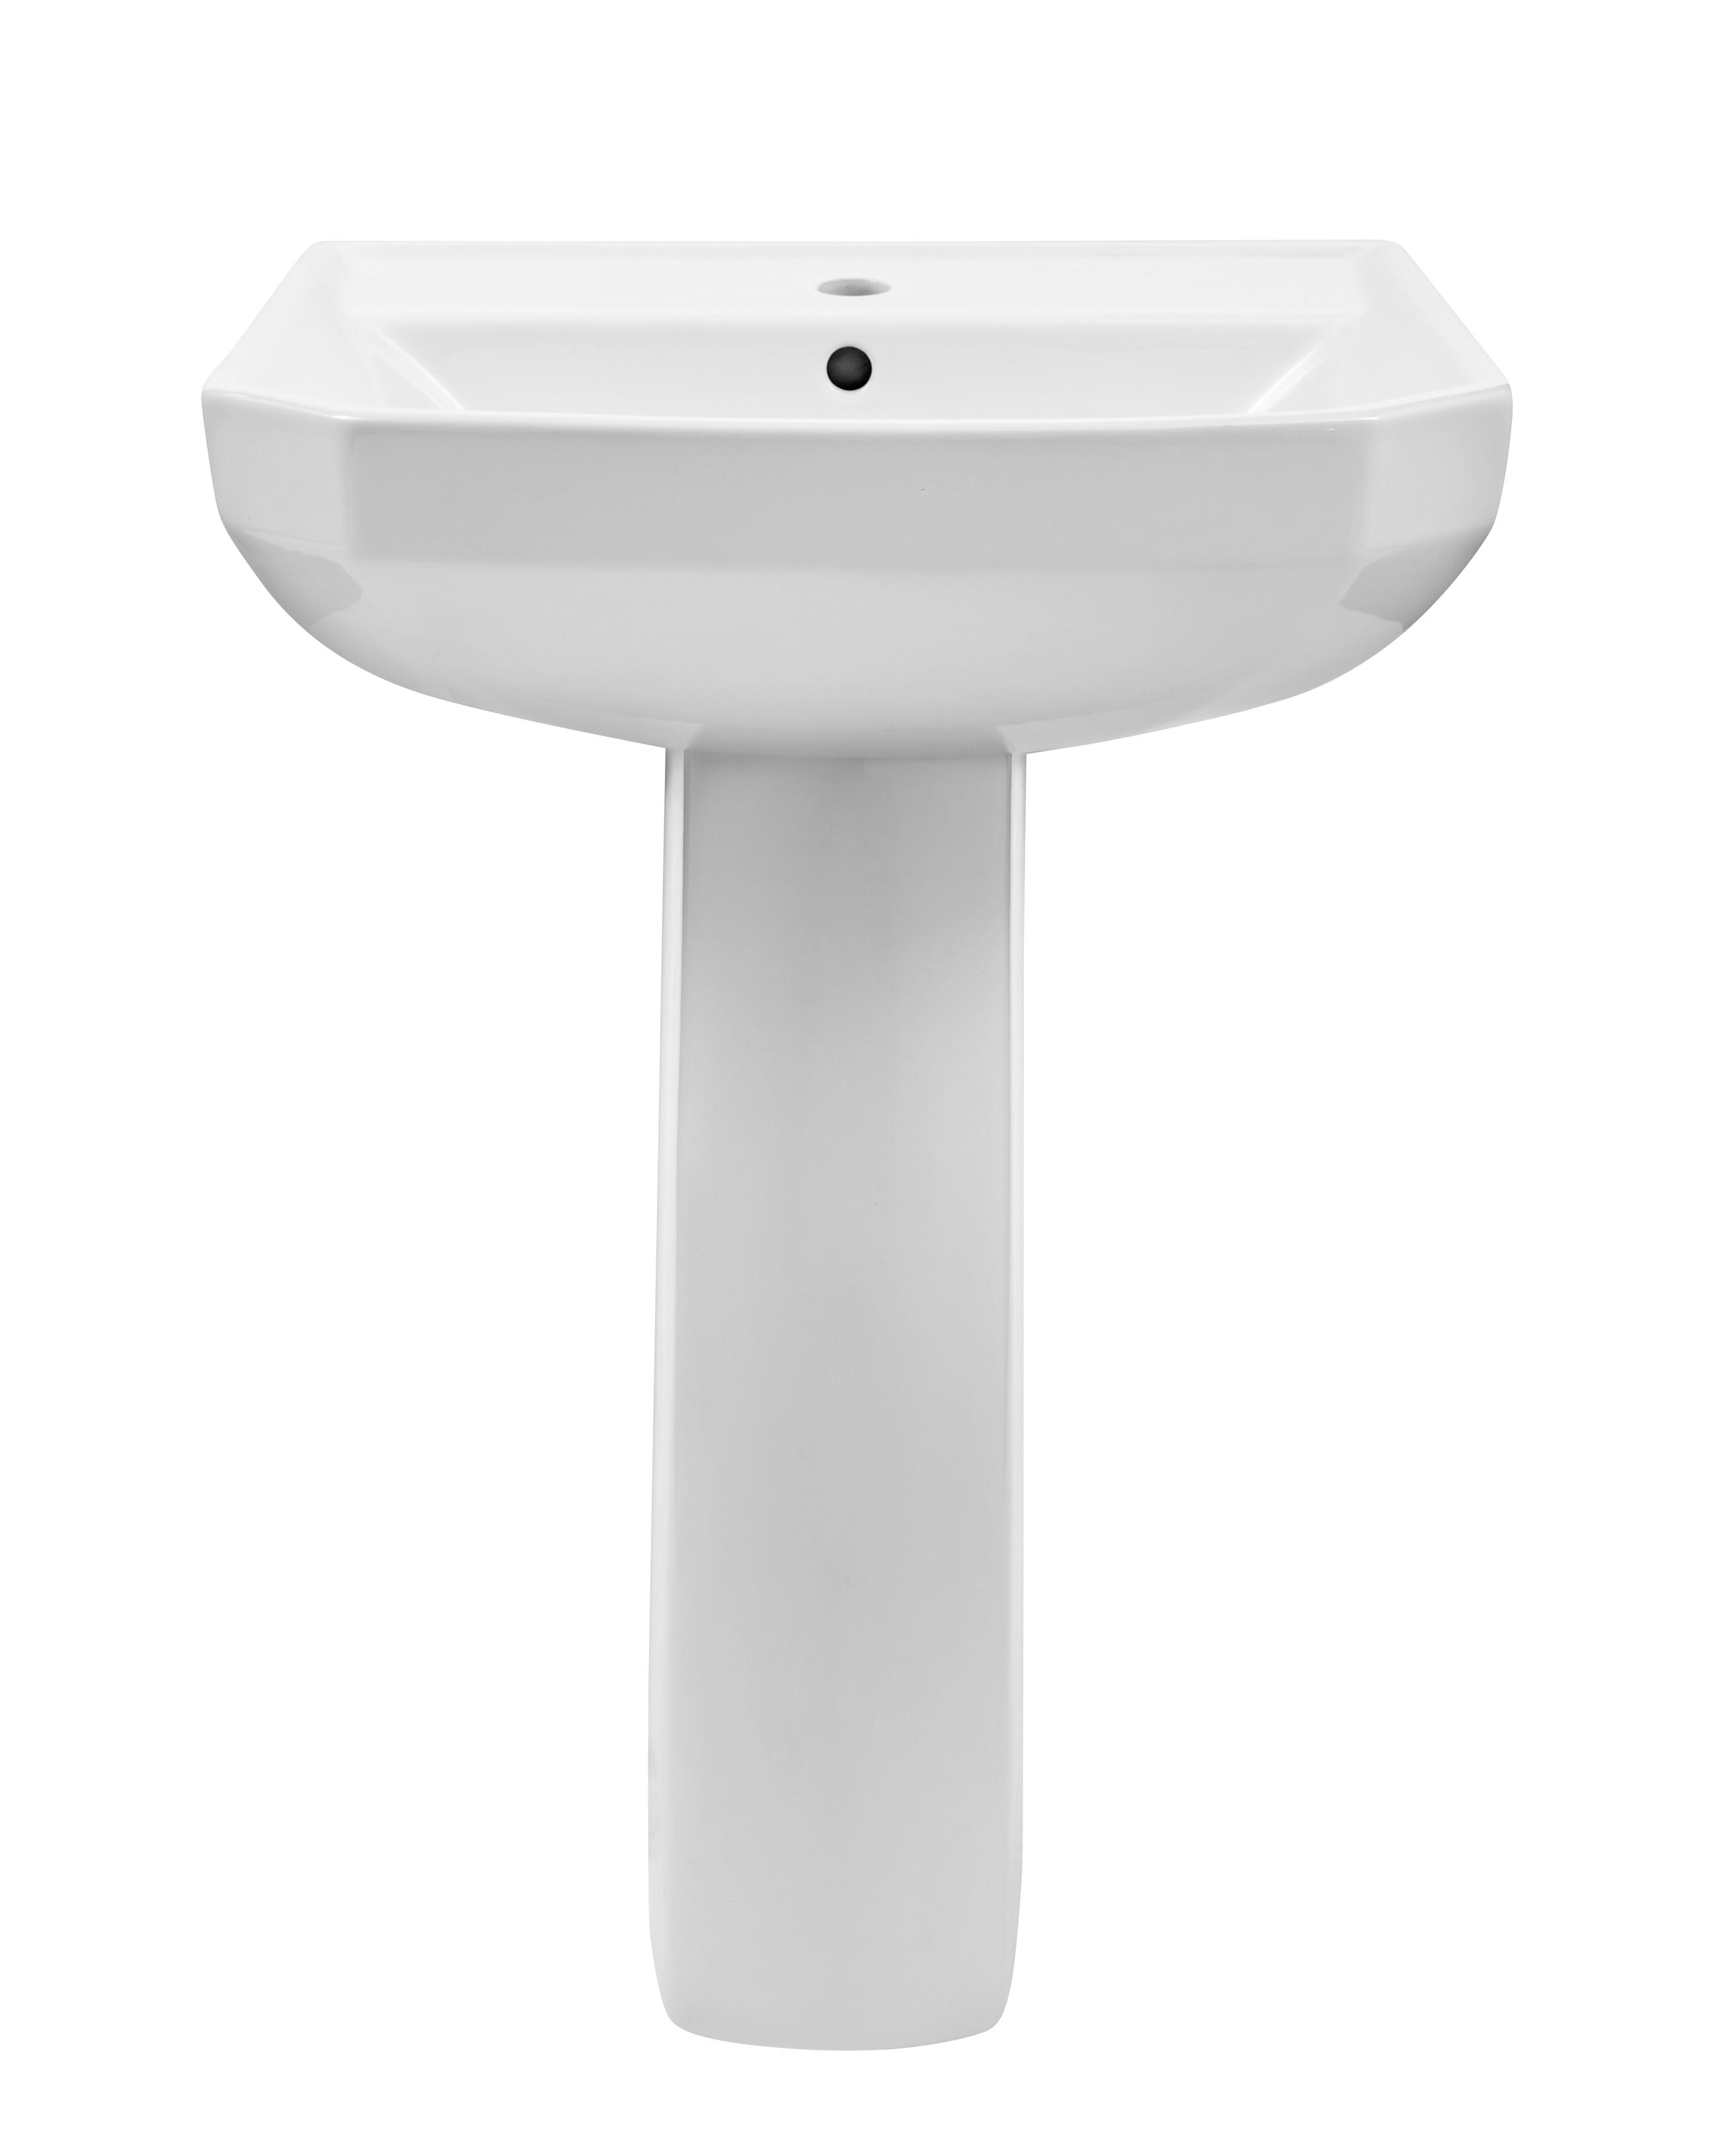 Bathroom Sinks - Bathroom Fixtures   Gerber Plumbing